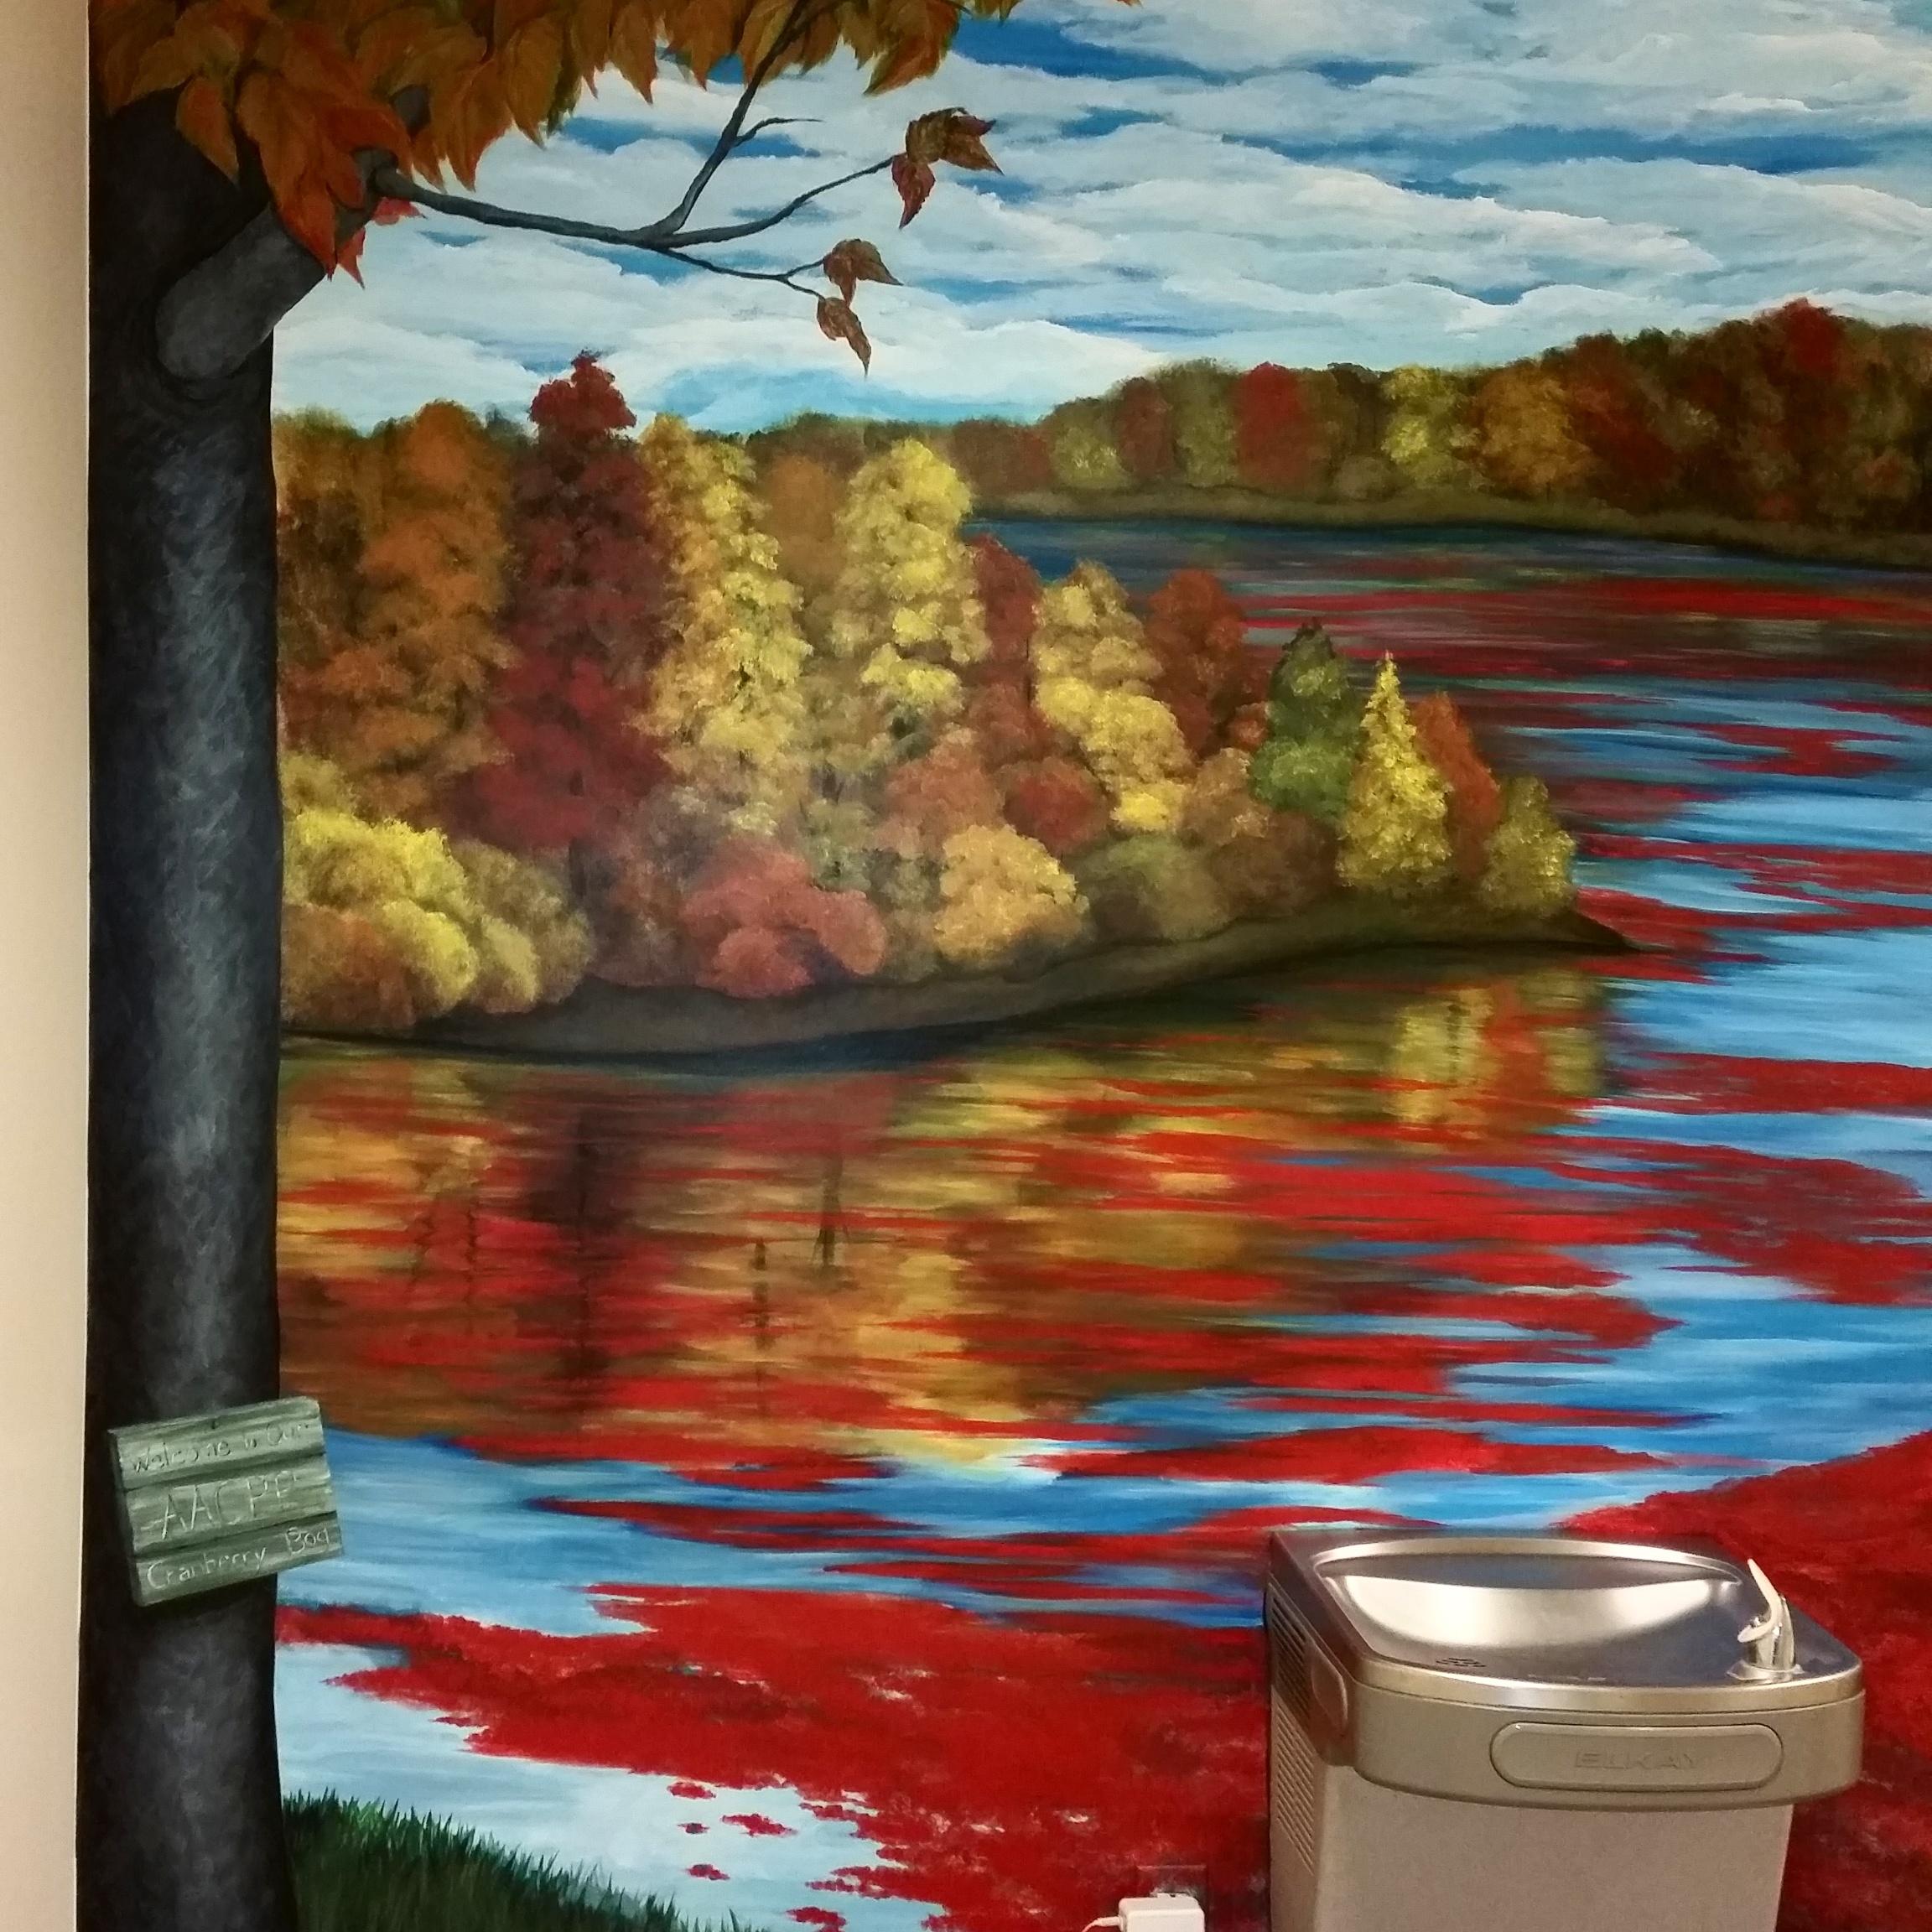 mural of a cranberry bog